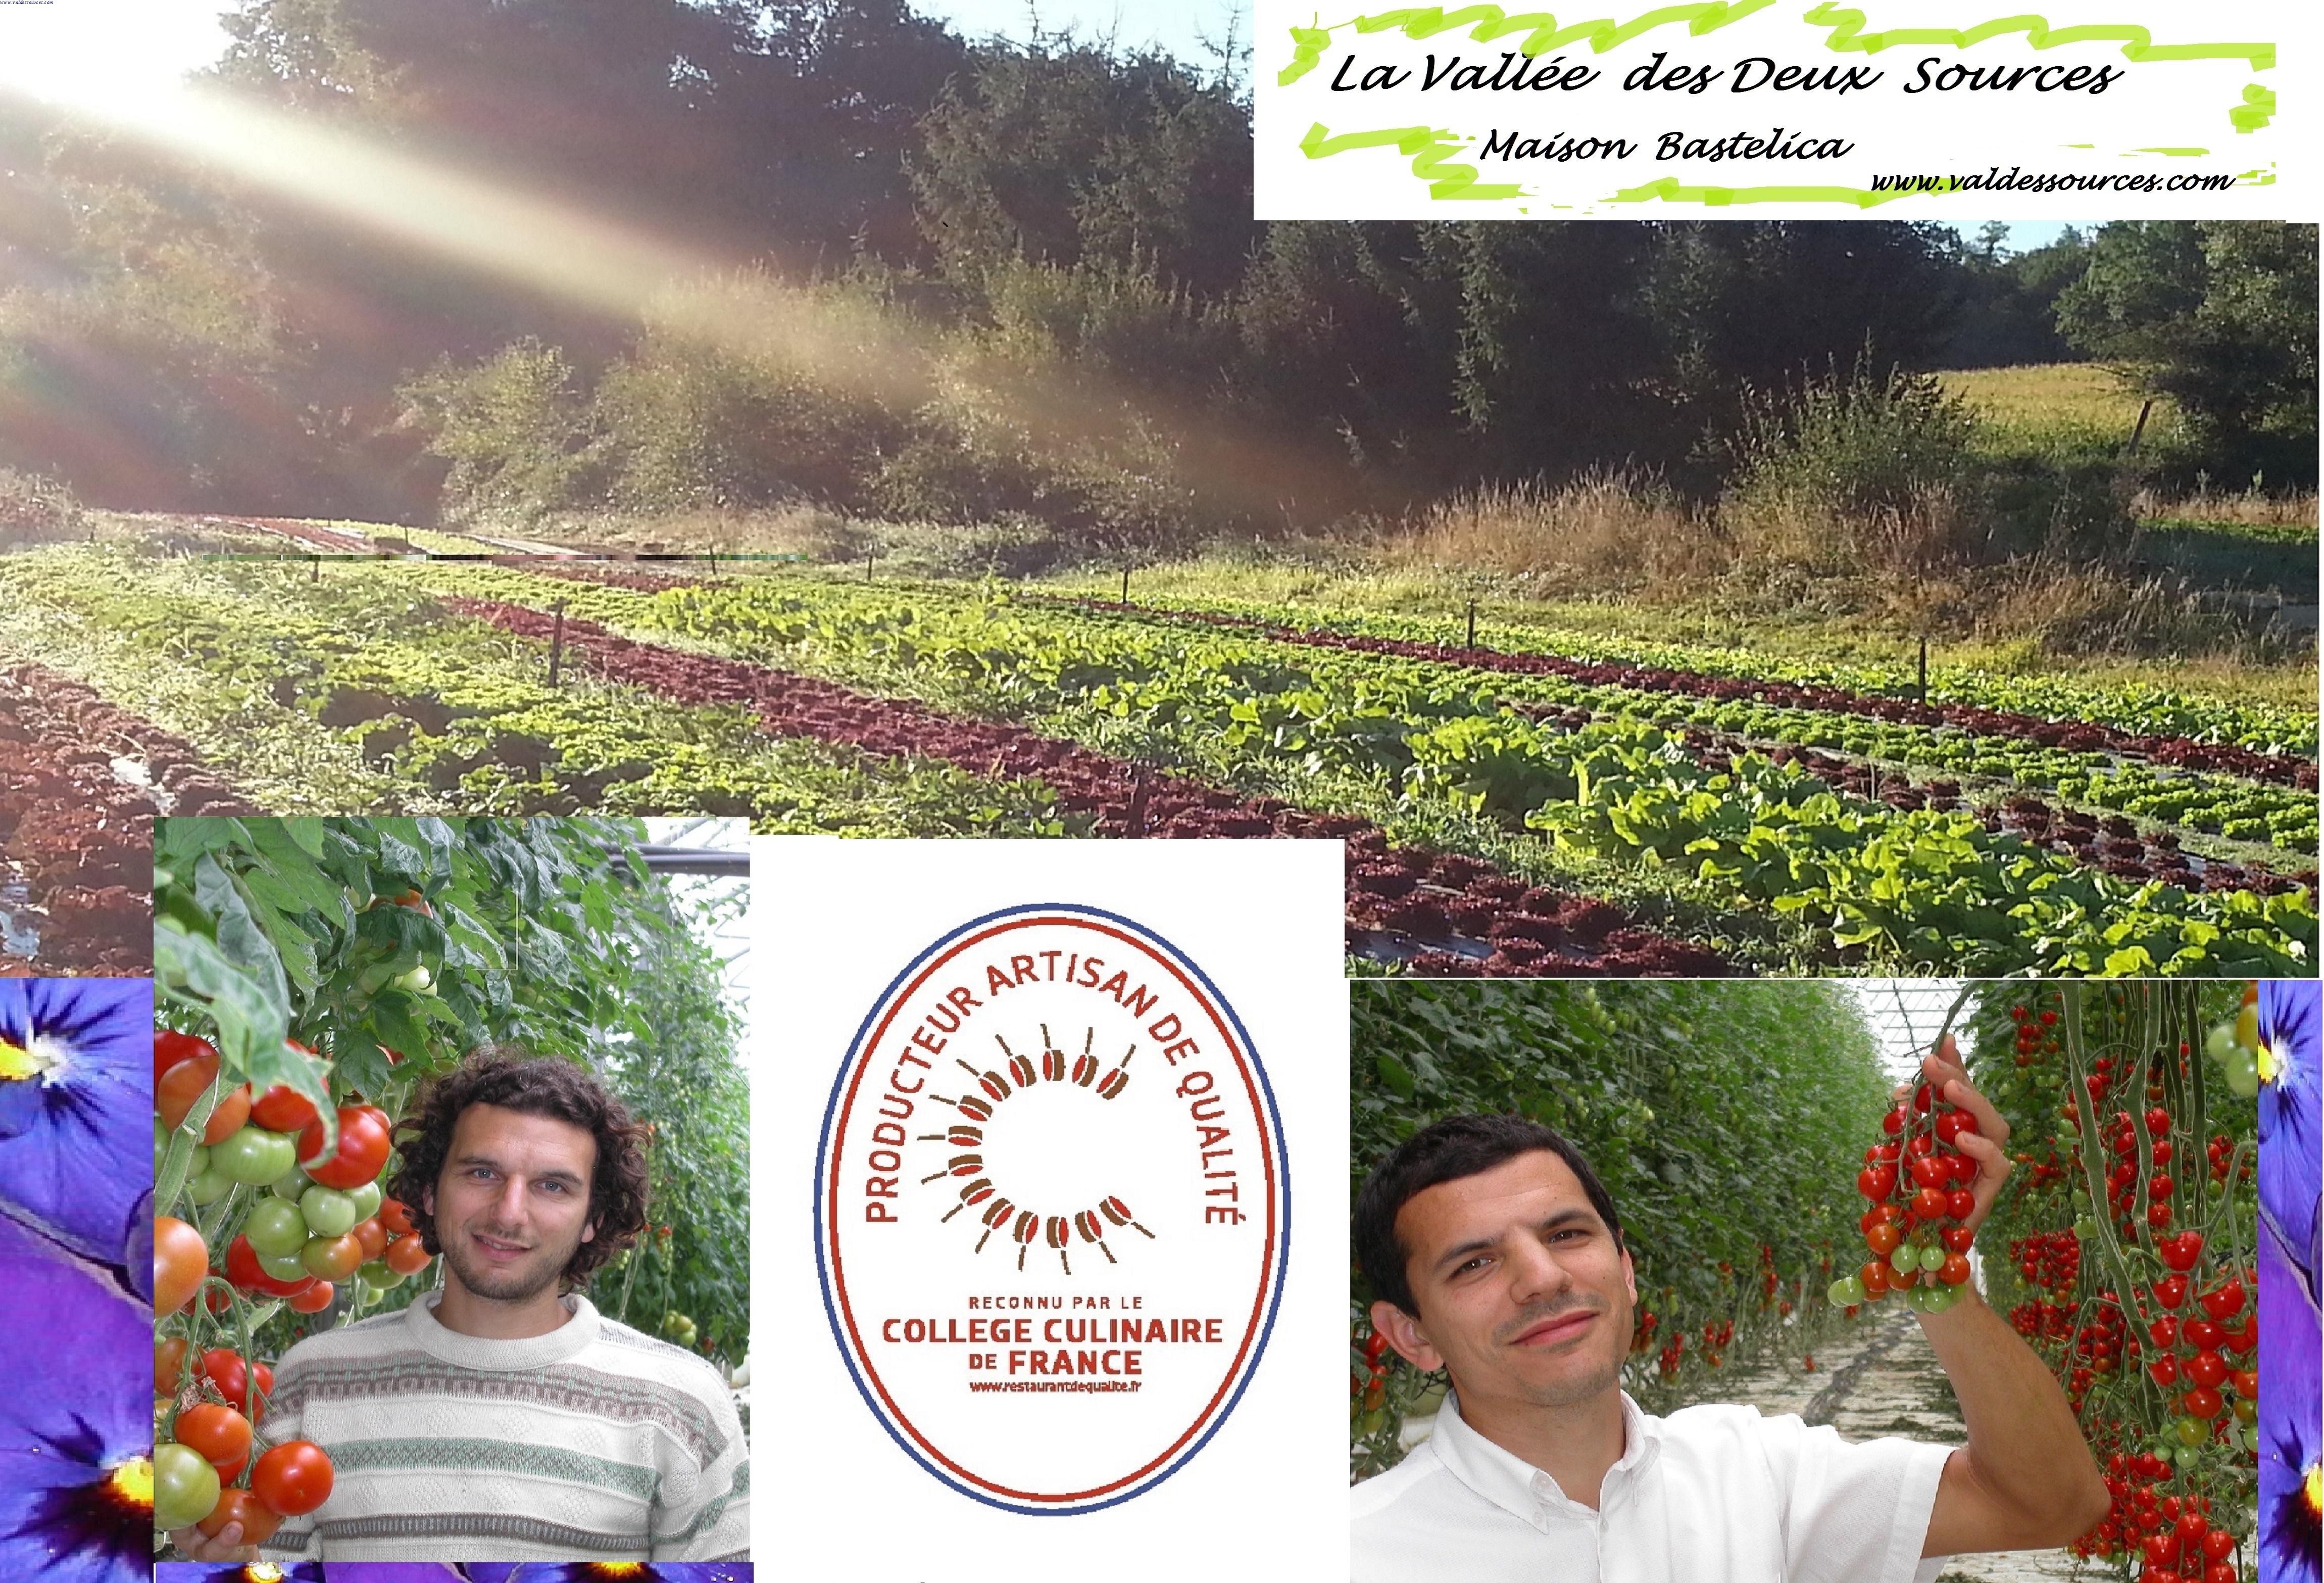 Adhérent LA VALLEE DES DEUX SOURCES  - photo #2490